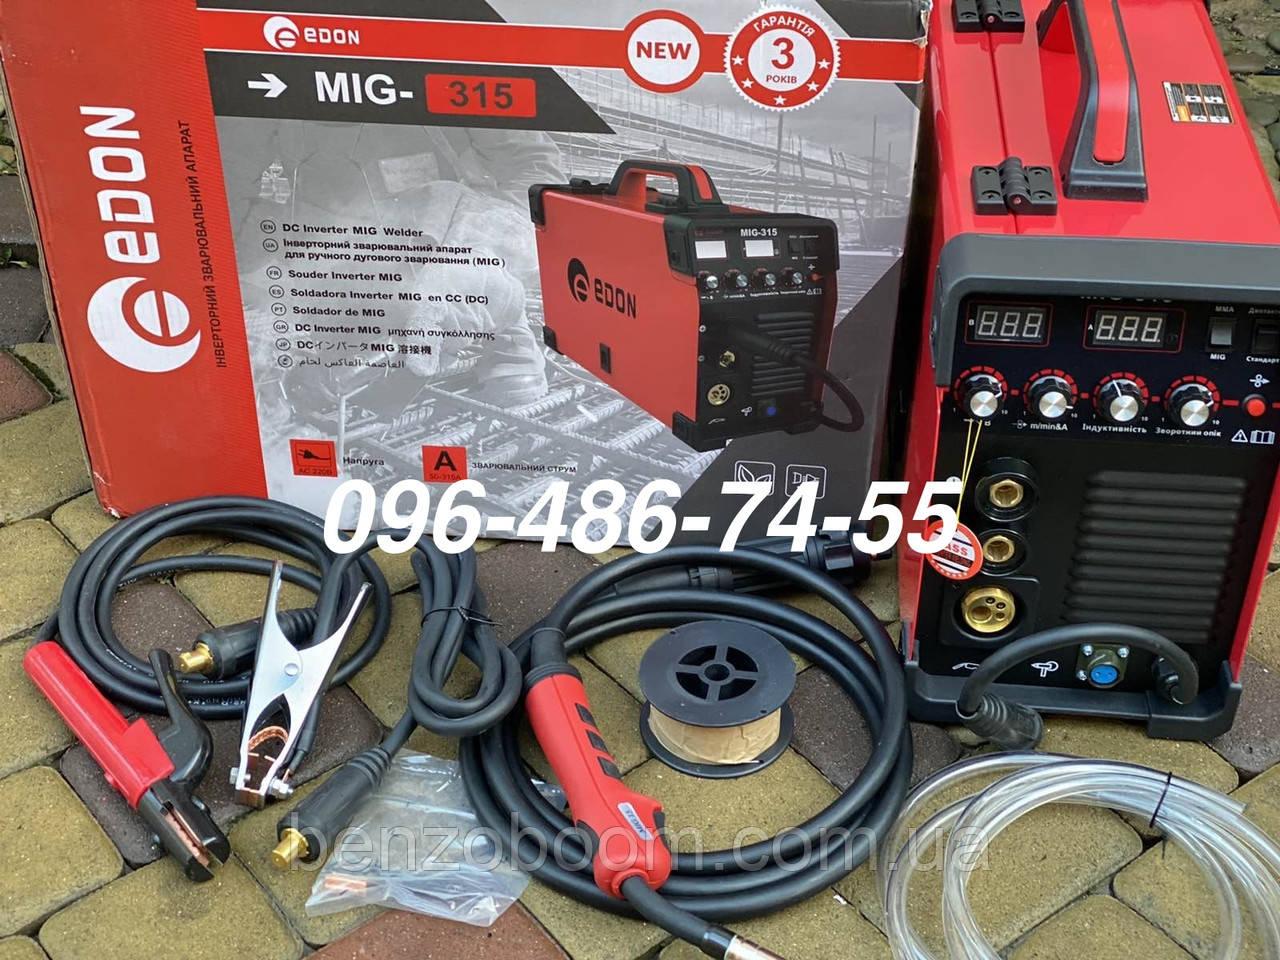 Сварочный полуавтомат EDON MIG-315 new зварювальний напівавтомат